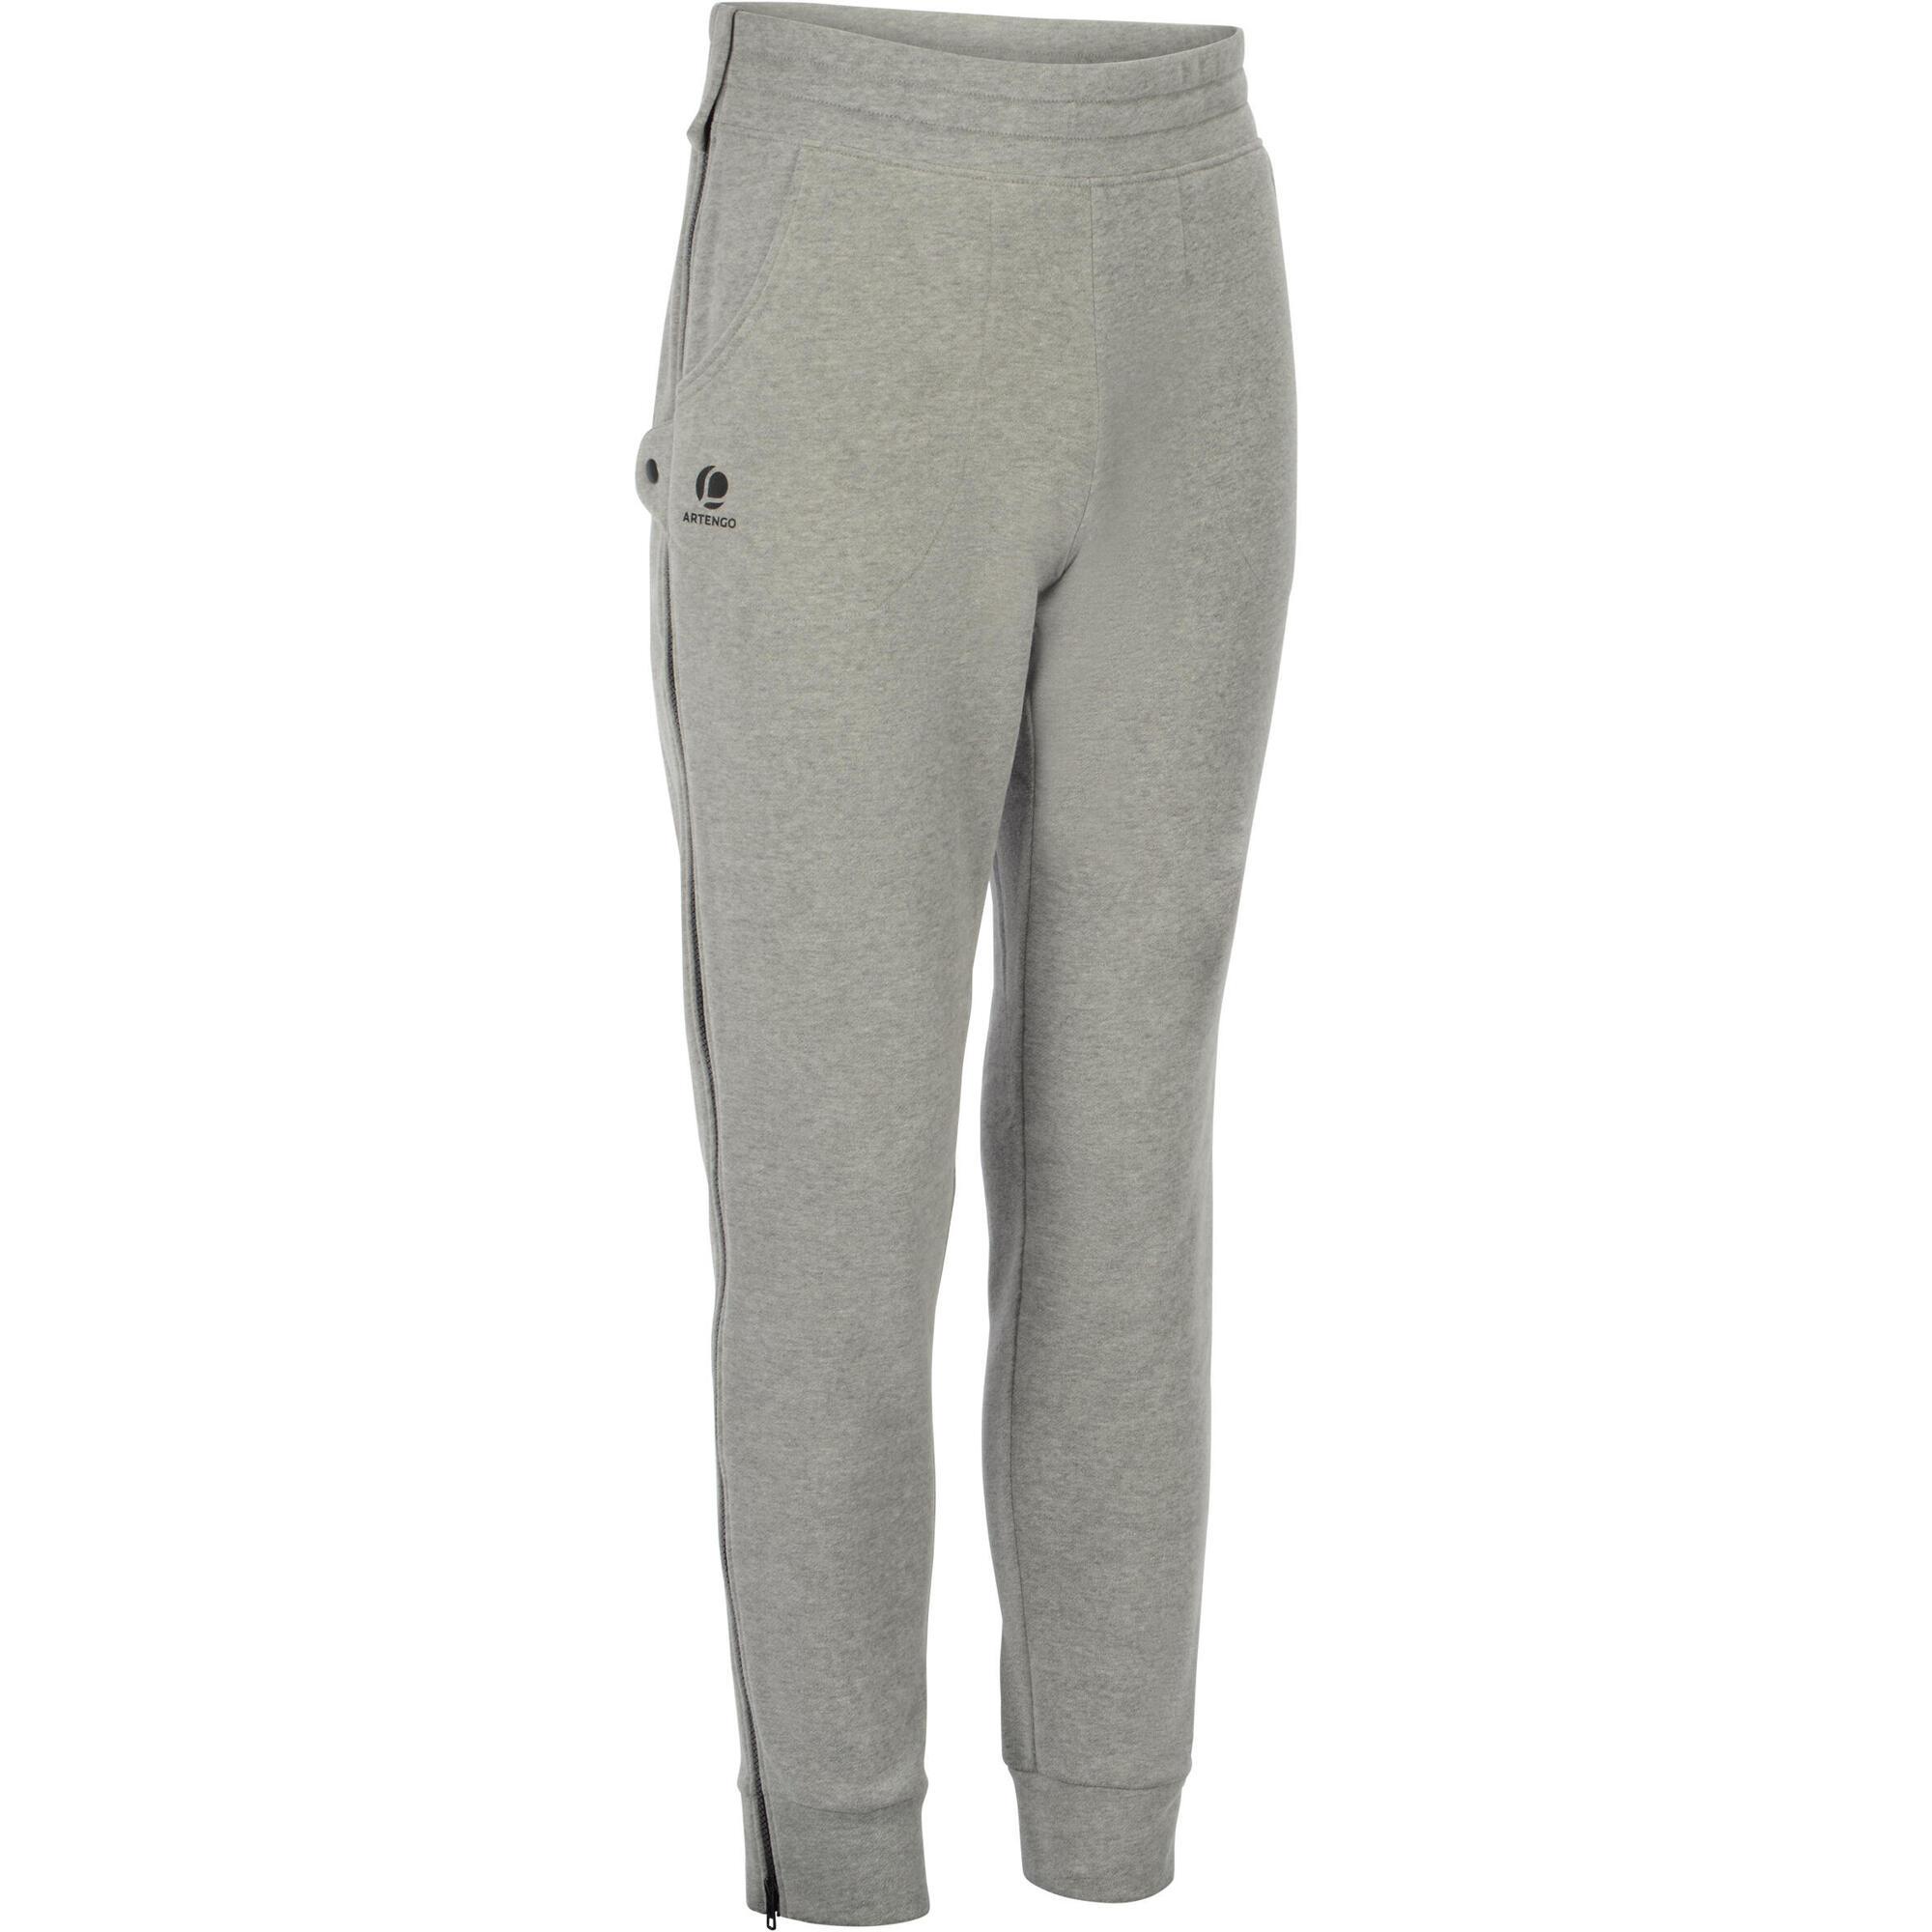 pas cher pour réduction e4611 10685 Pantalons - PANTALON ZIPLAYER HOMME GRIS CLAIR